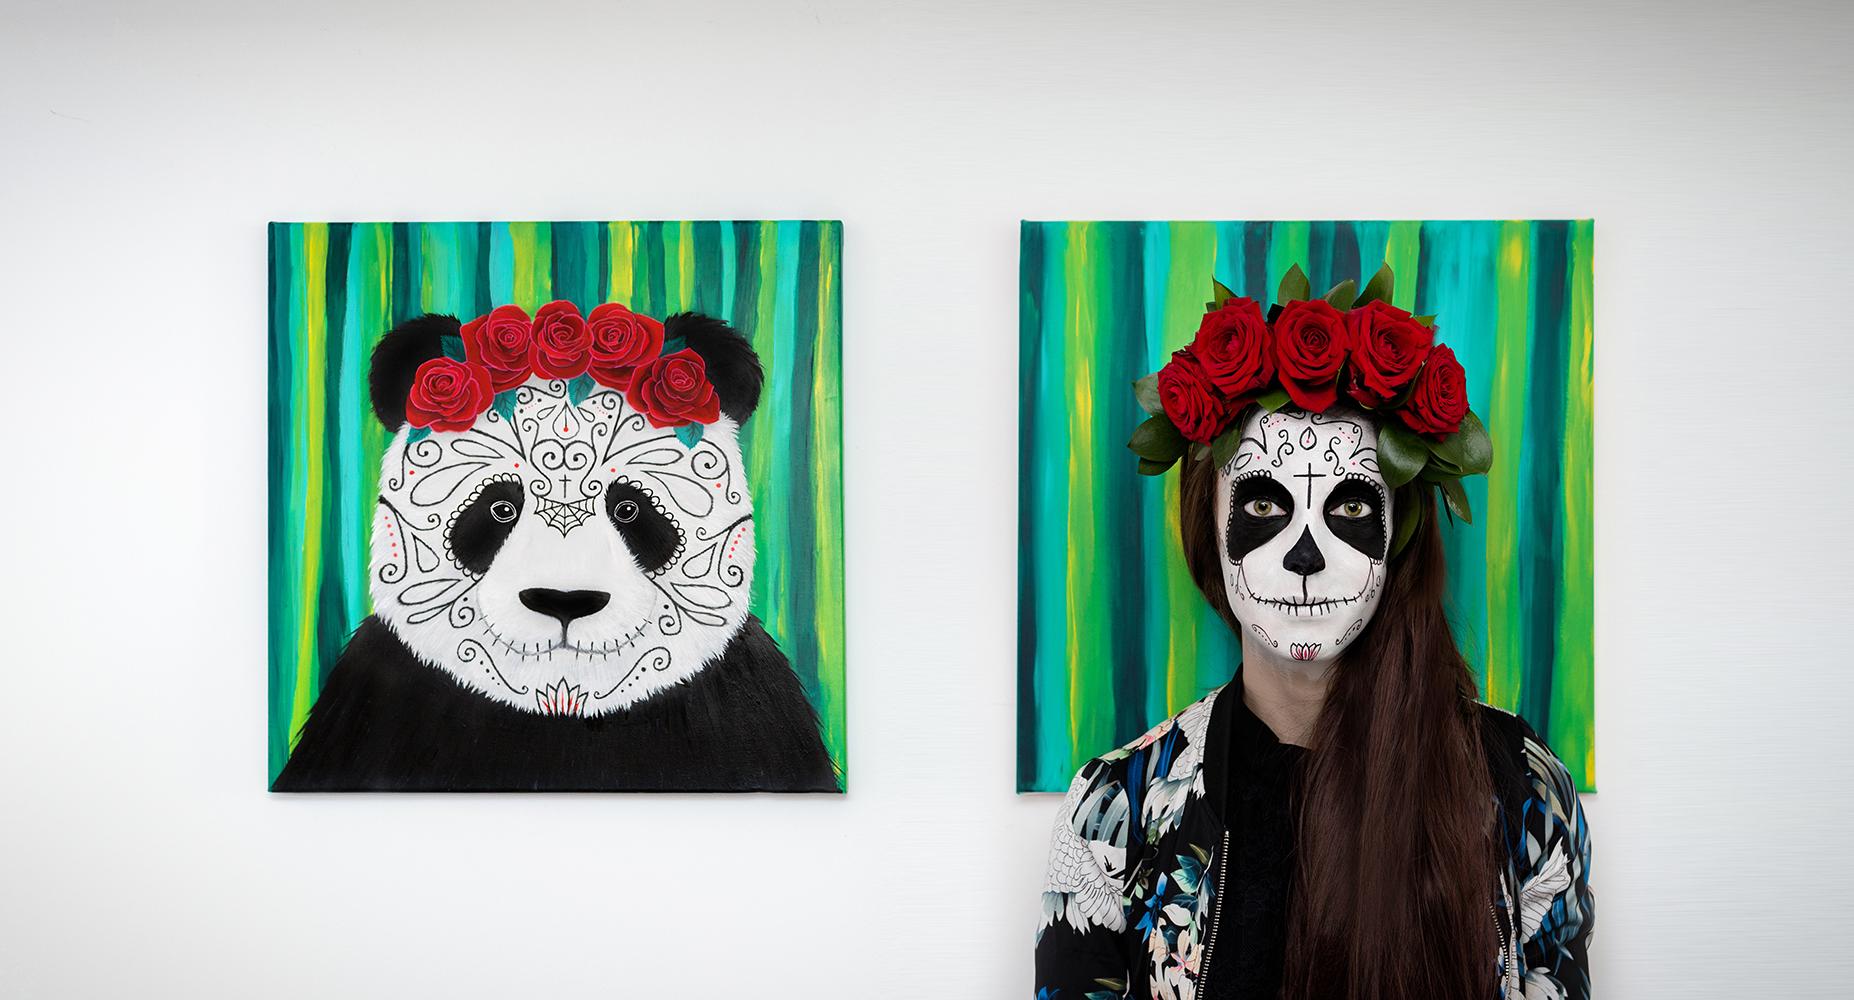 L'artiste Sabrina Beretta rentre dans la peau de son personnage, Panda Muerte une peinture mixant à sa manière un Panda et une Santa Muerte